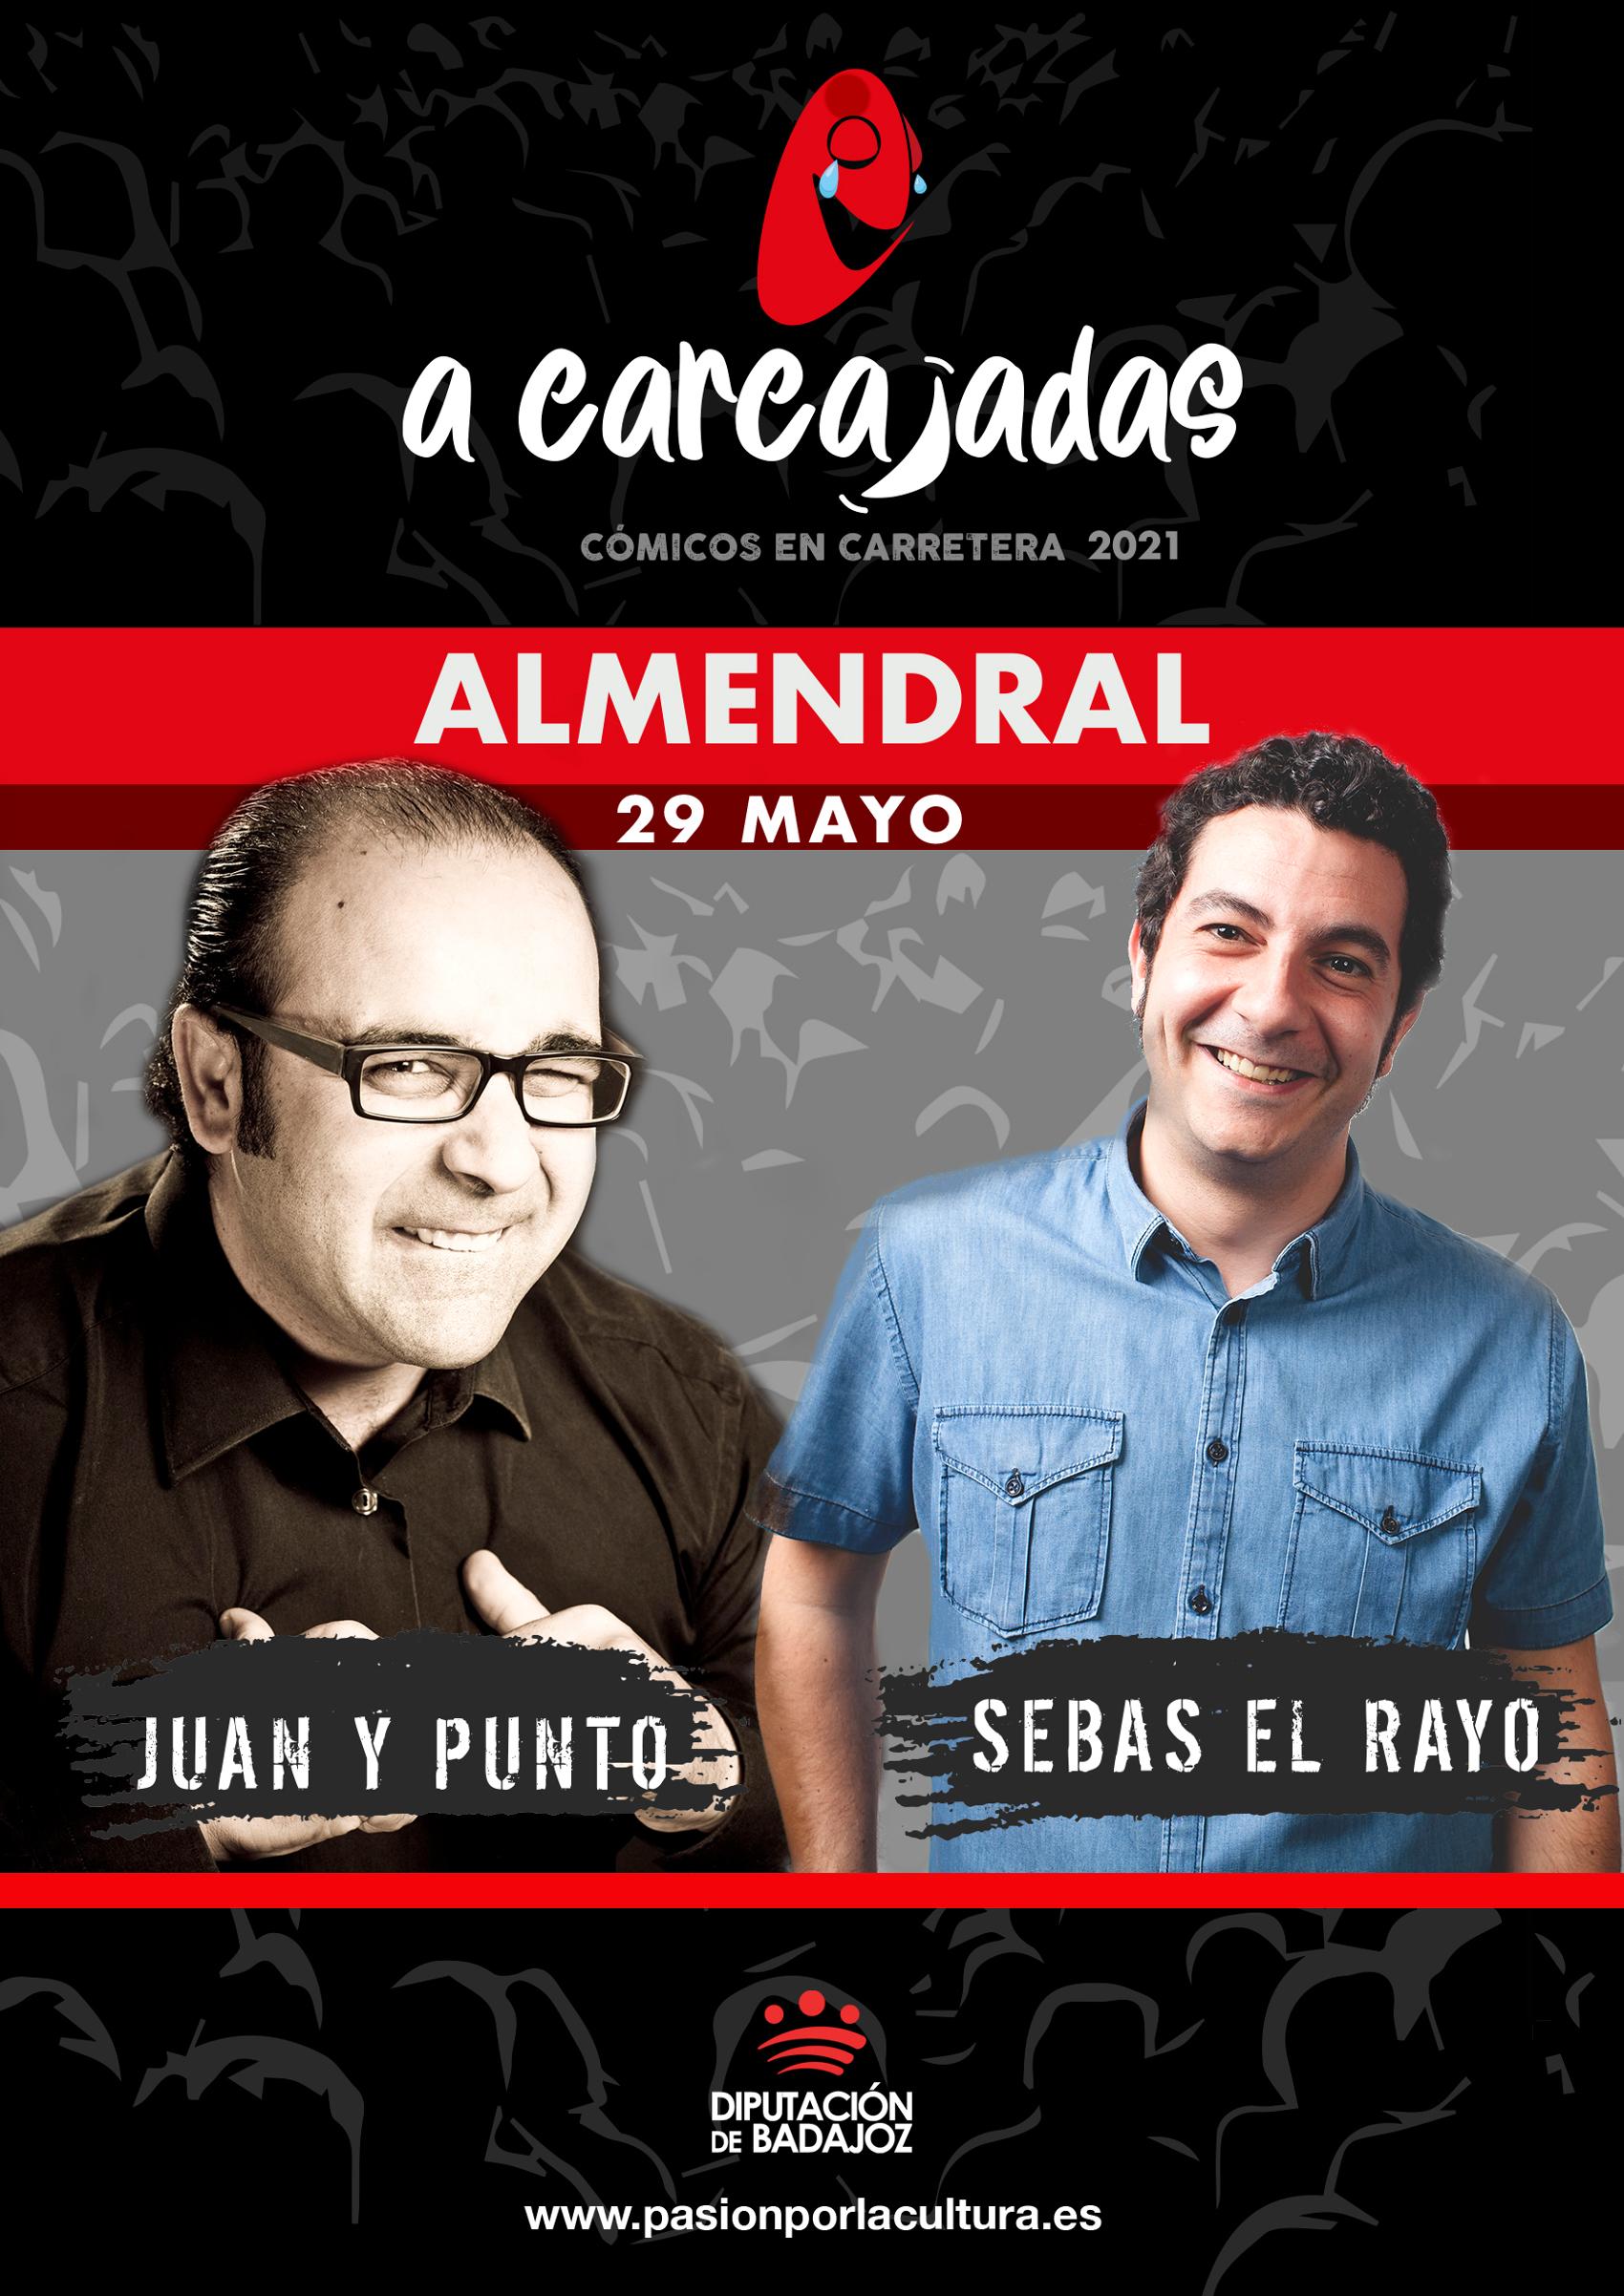 Imagen del Evento Juan y Punto & Sebas el Rayo